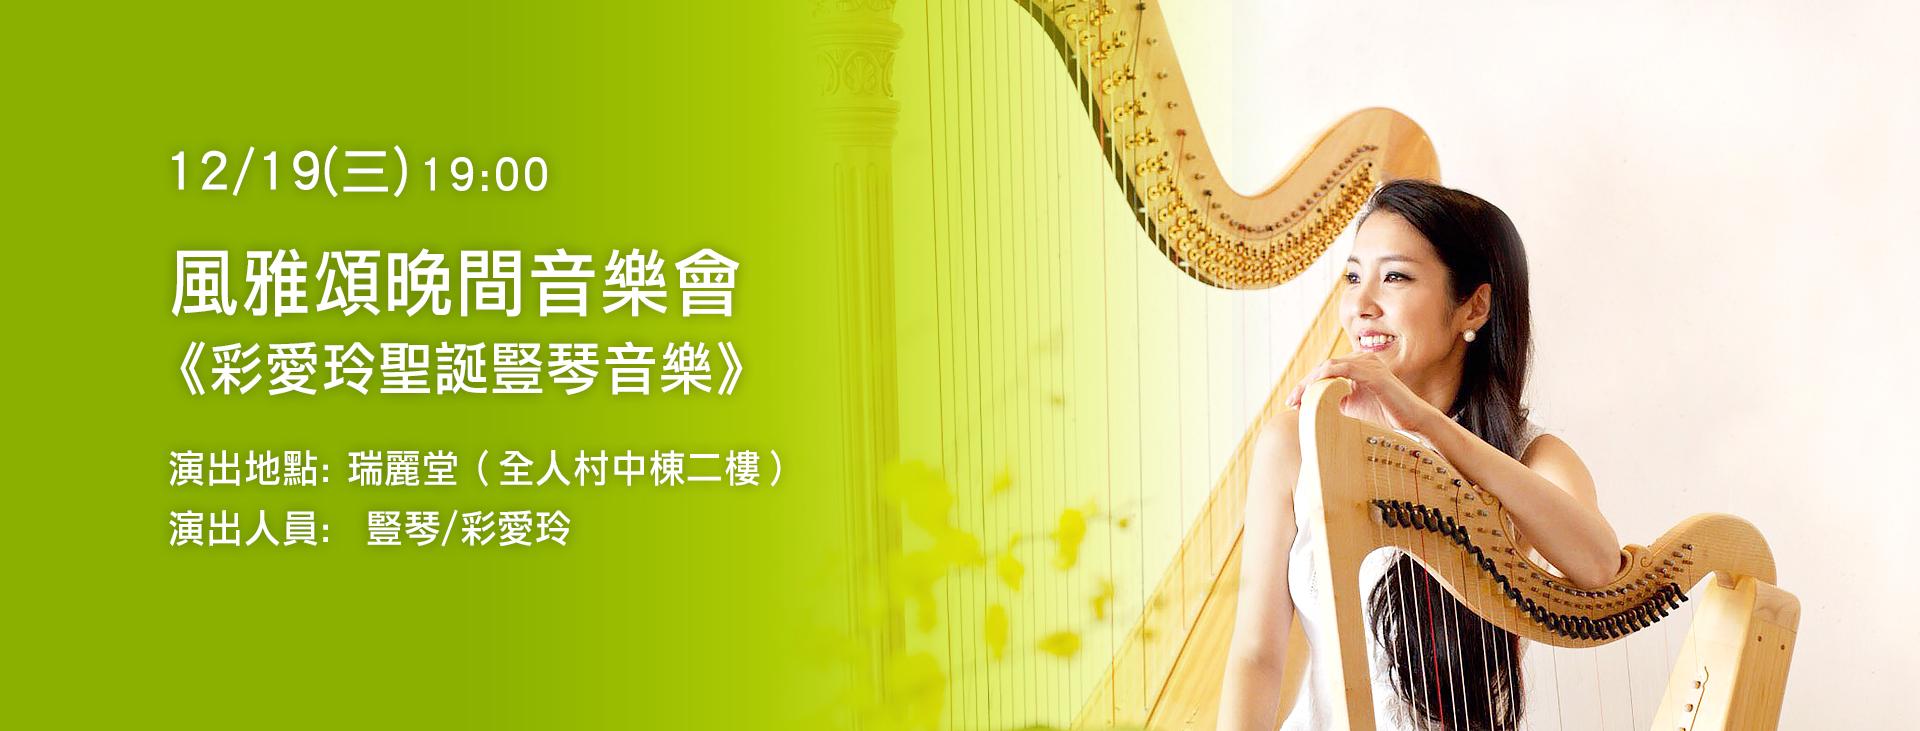 彩愛玲聖誕豎琴音樂-彩愛玲